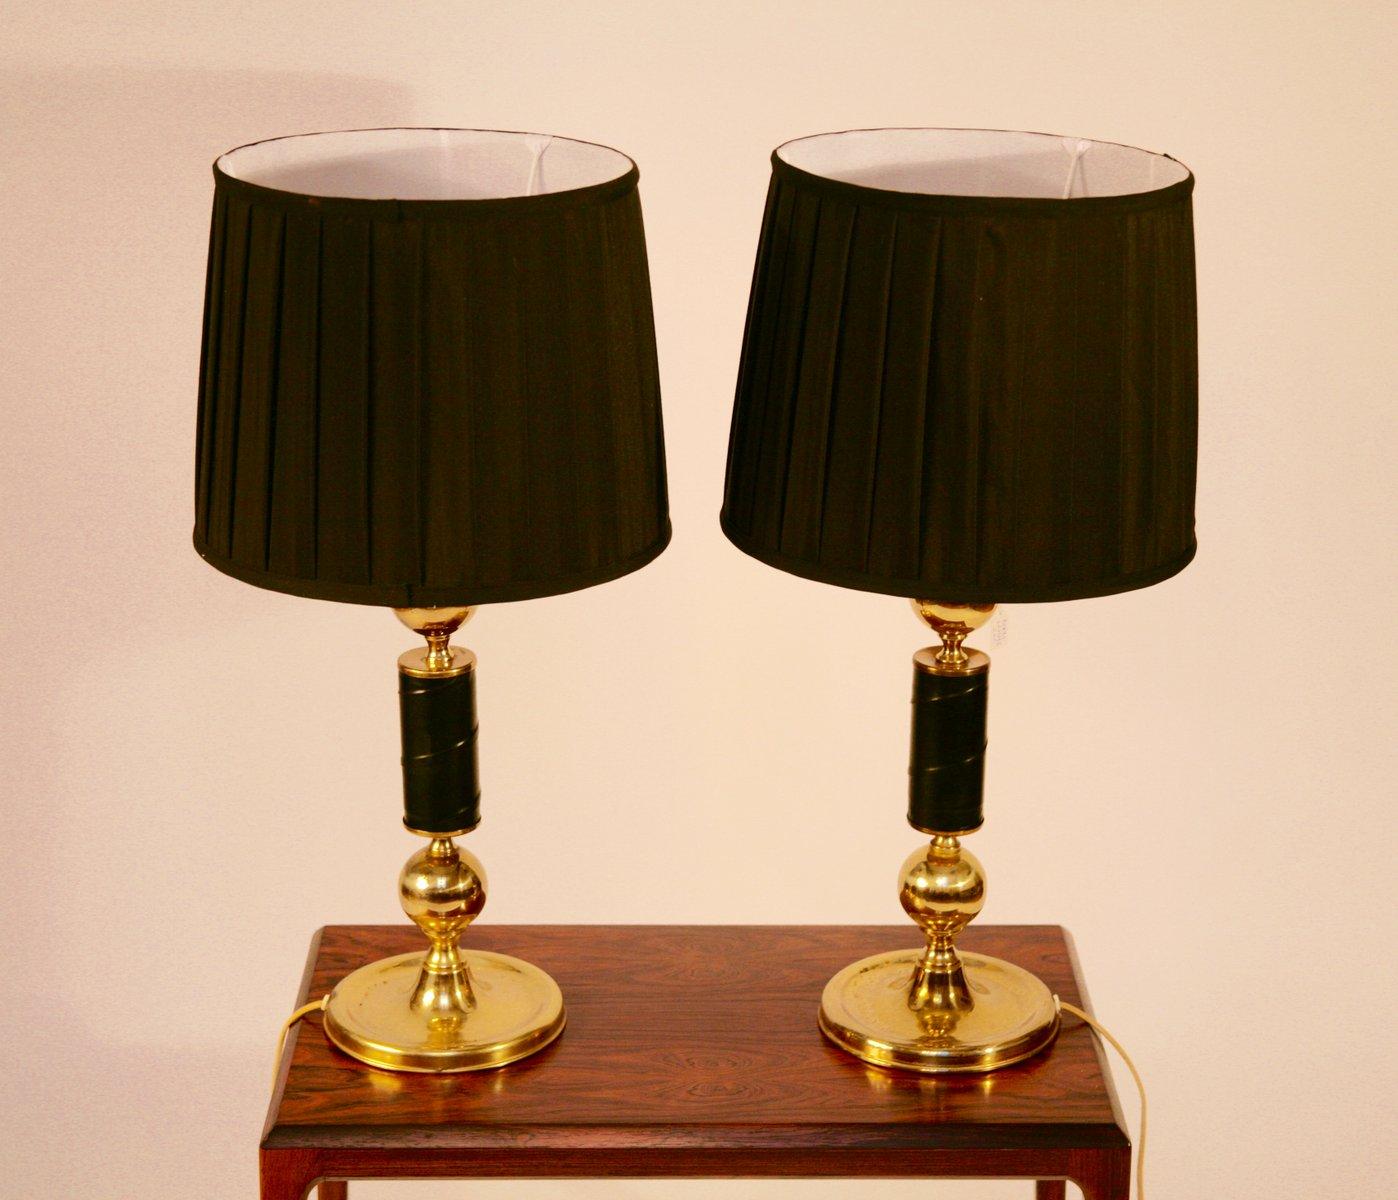 Lampade da tavolo vintage svezia set di 2 in vendita su - Lampade da tavolo vintage ...